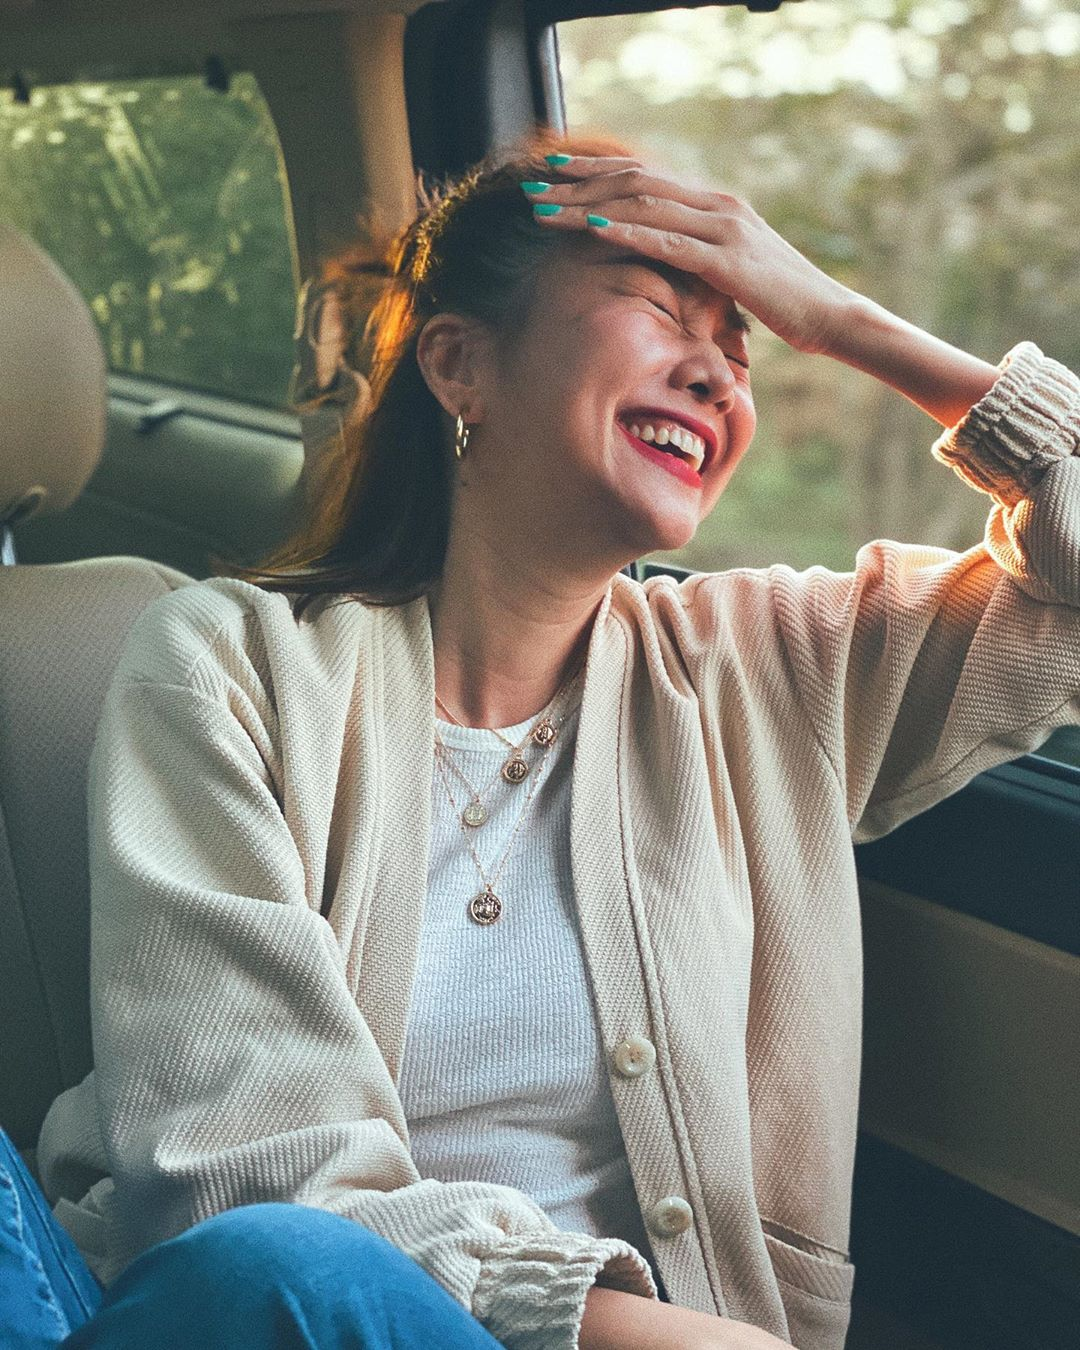 """3 kiểu áo khoác khi trở lạnh được lòng hội chị em tuổi 30+ """"nhà Vbiz"""": Phạm Quỳnh Anh nhìn như idol Kpop, Hà Tăng lại hack tuổi đỉnh cao không thua gái 18 - Ảnh 6."""